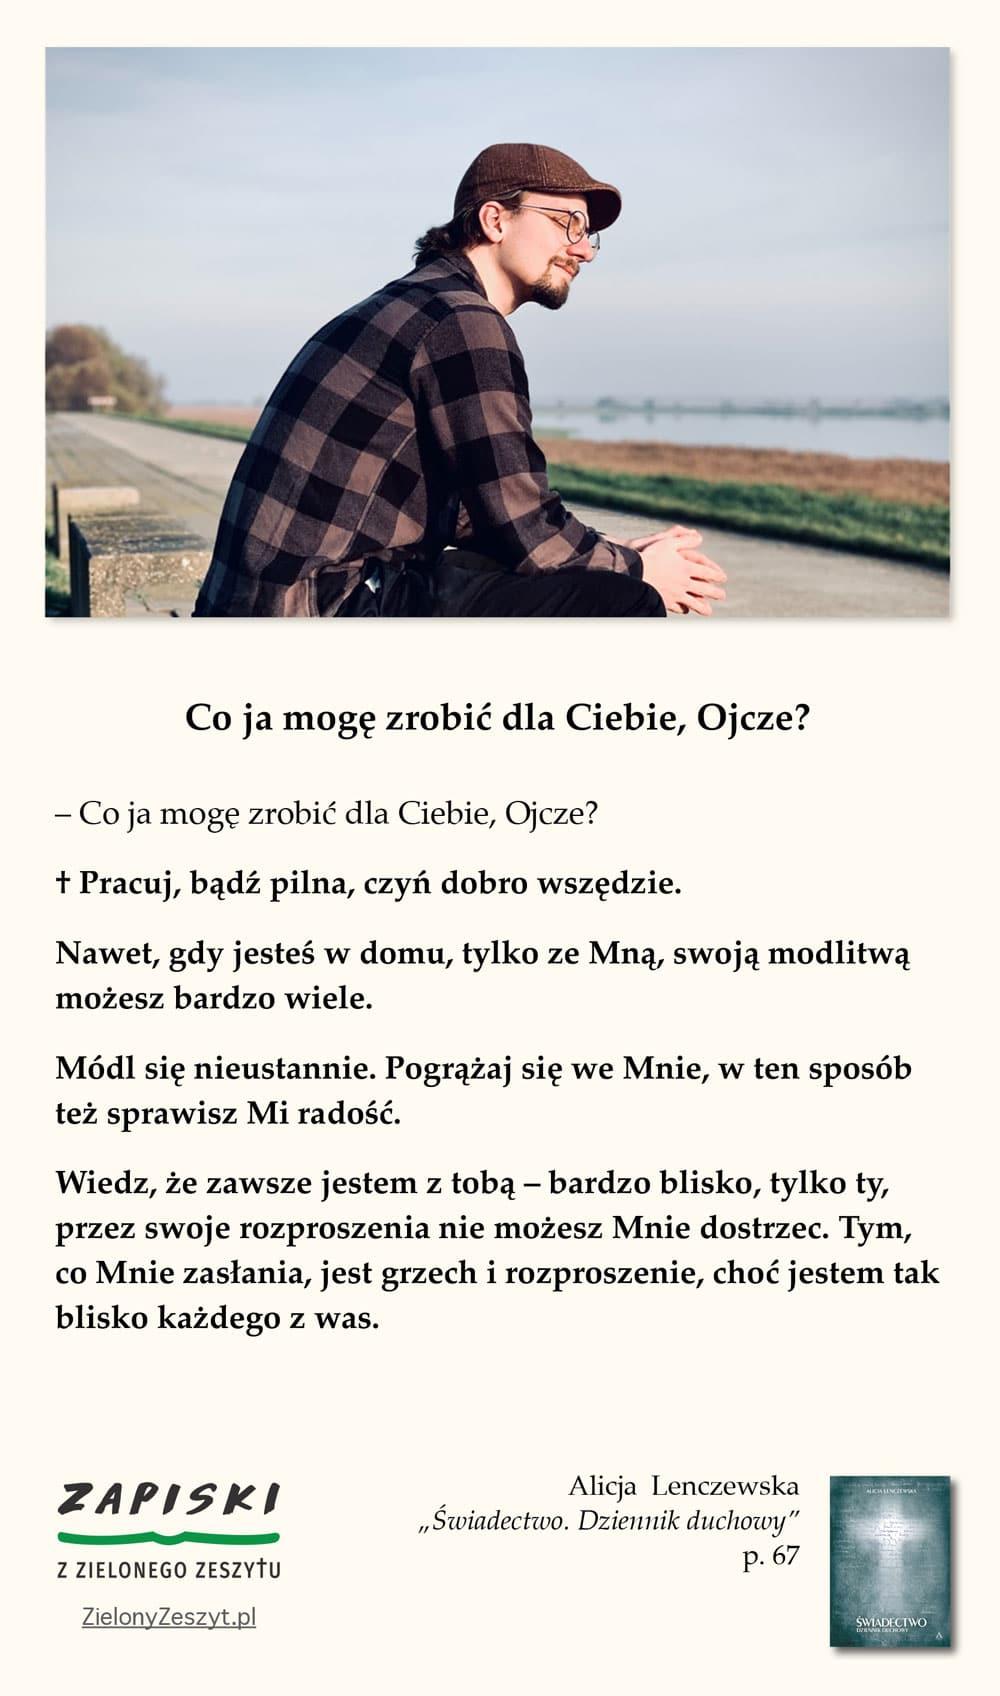 """Alicja Lenczewska, """"Świadectwo. Dziennik duchowy"""", p. 67 (Co ja mogę zrobić dla Ciebie, Ojcze?)"""